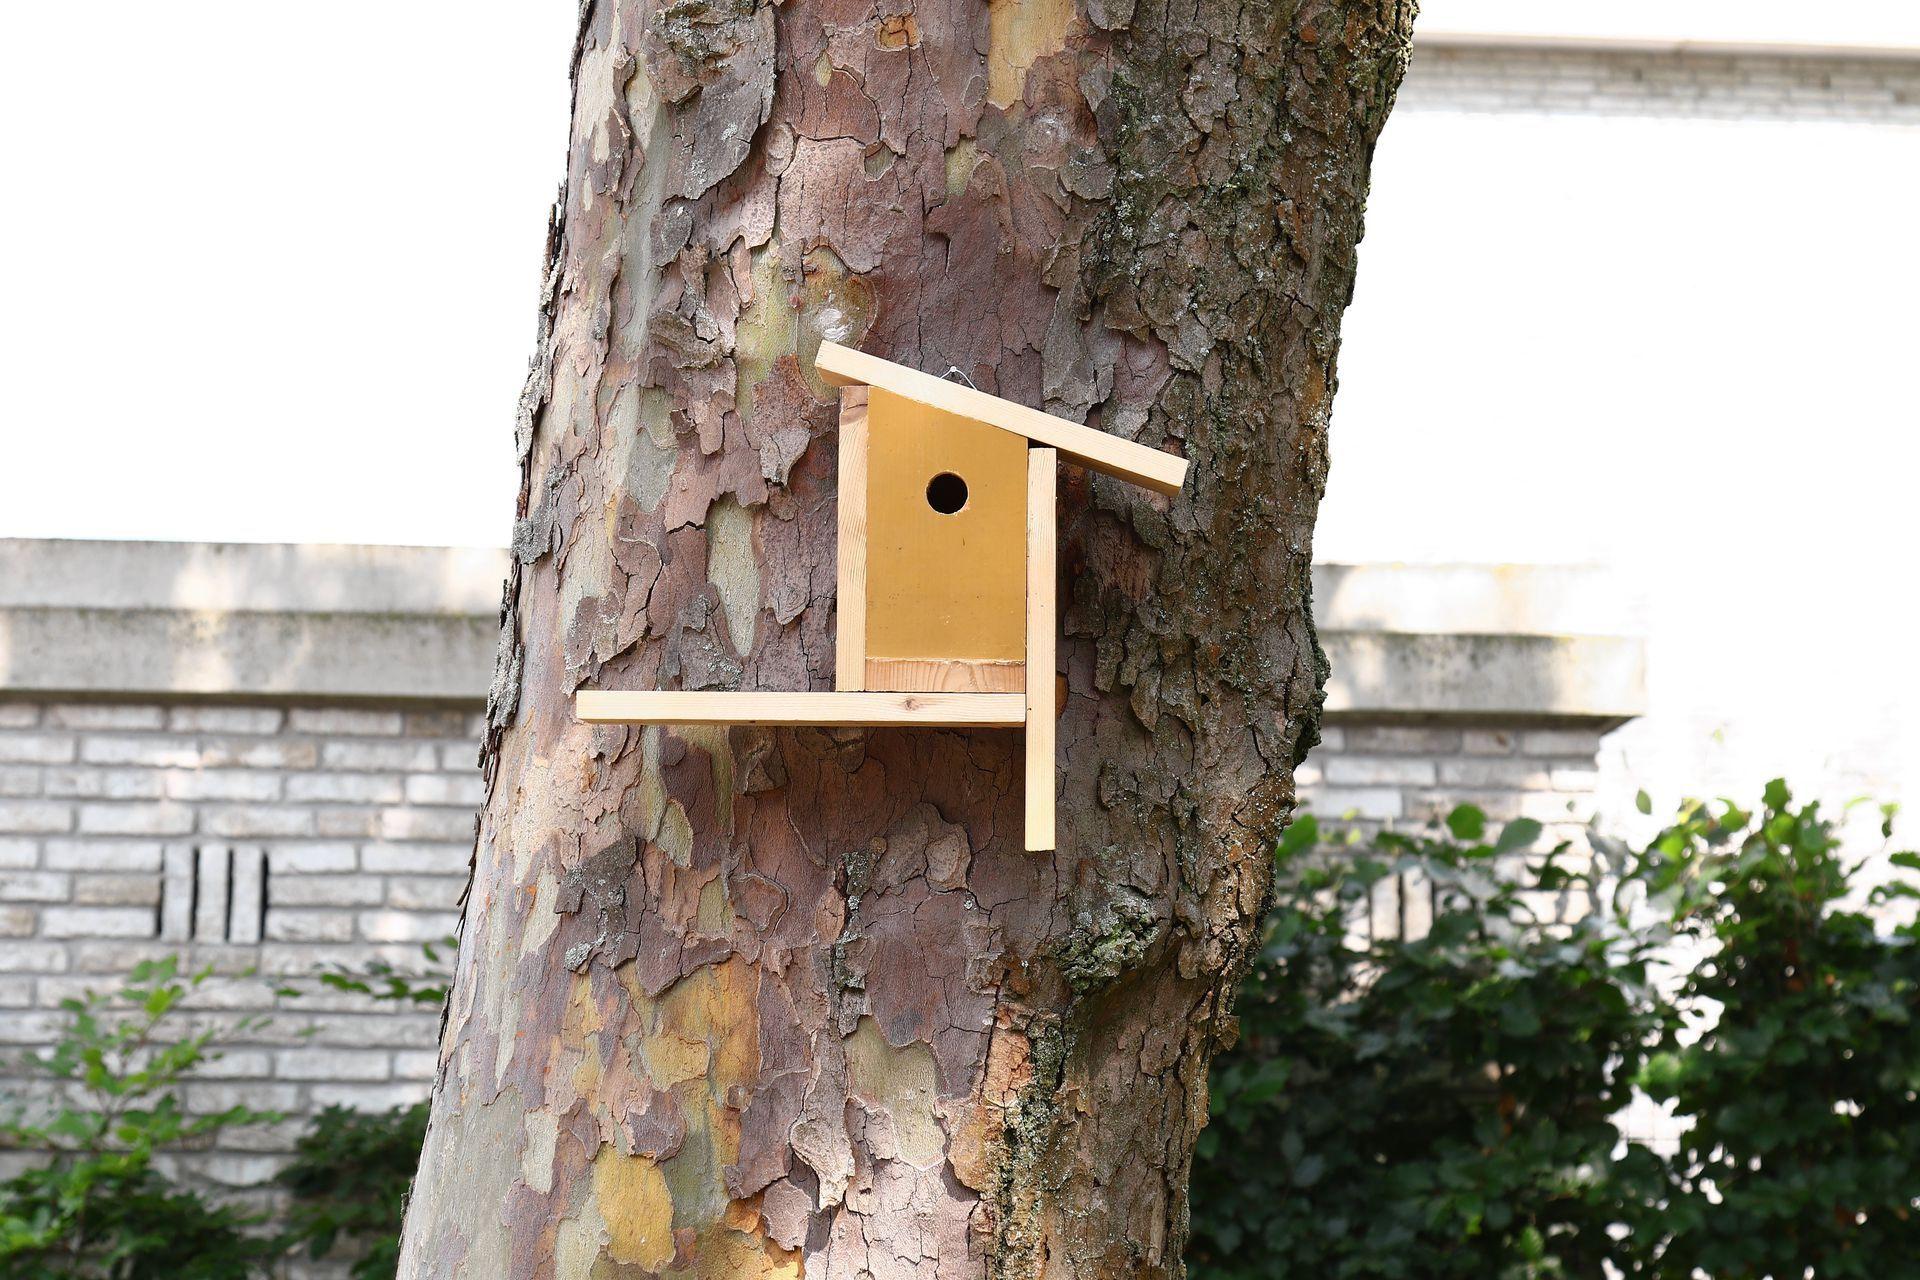 Vogelhuisje Piet Hein Eeks / Mondriaan